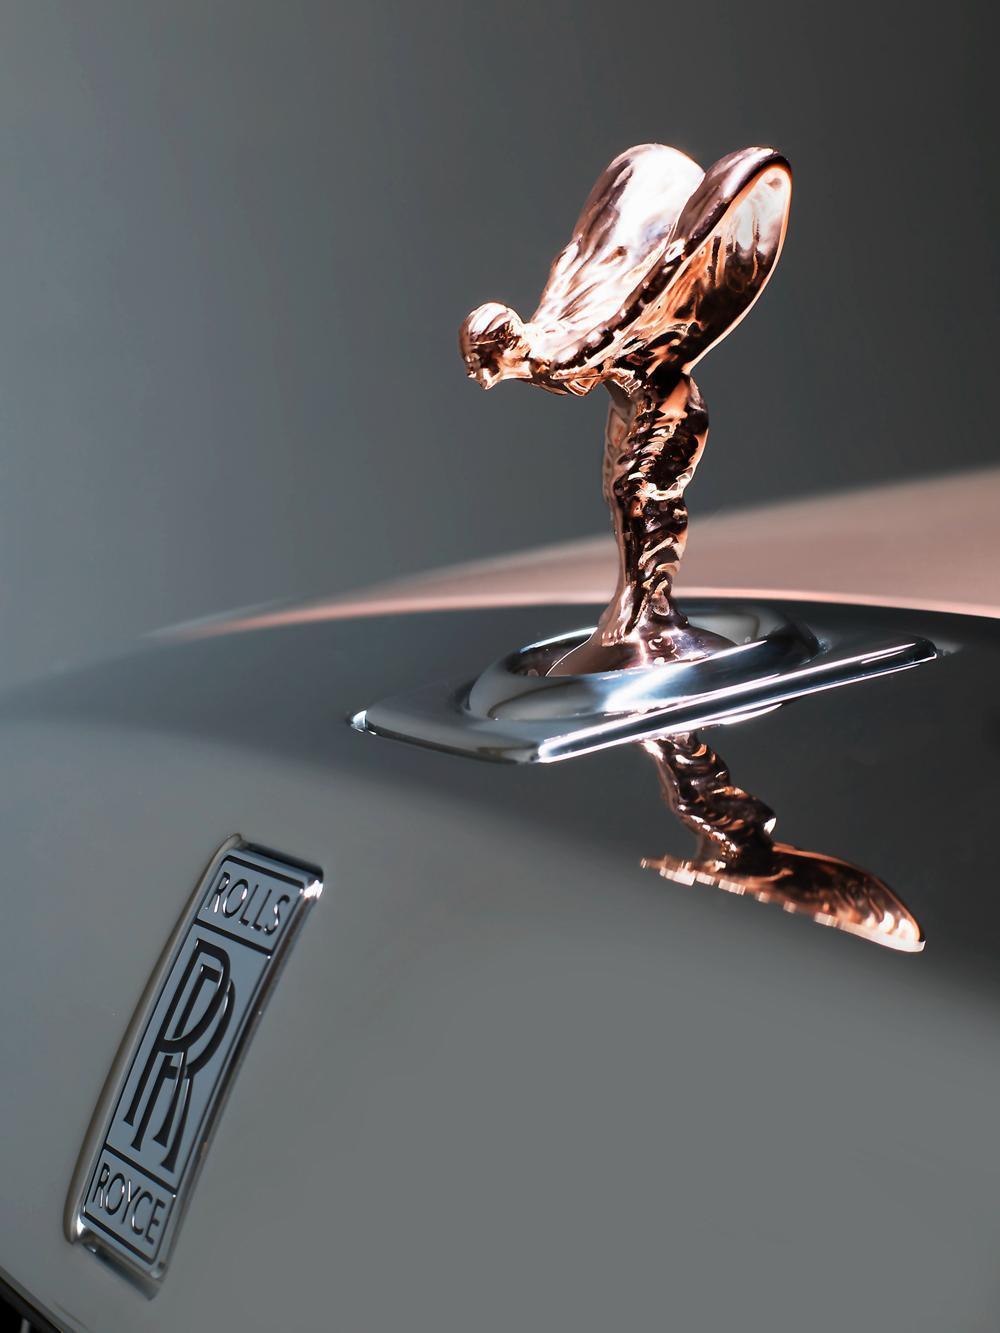 鑄造「Spirit of Ecstas歡慶女神」車頭立標的「脫蠟鑄造工藝」源自古老東方,對工匠技藝要求甚高,早期的每一尊女神雕像都由Charles Sykes和他的女兒親手拋光打磨。